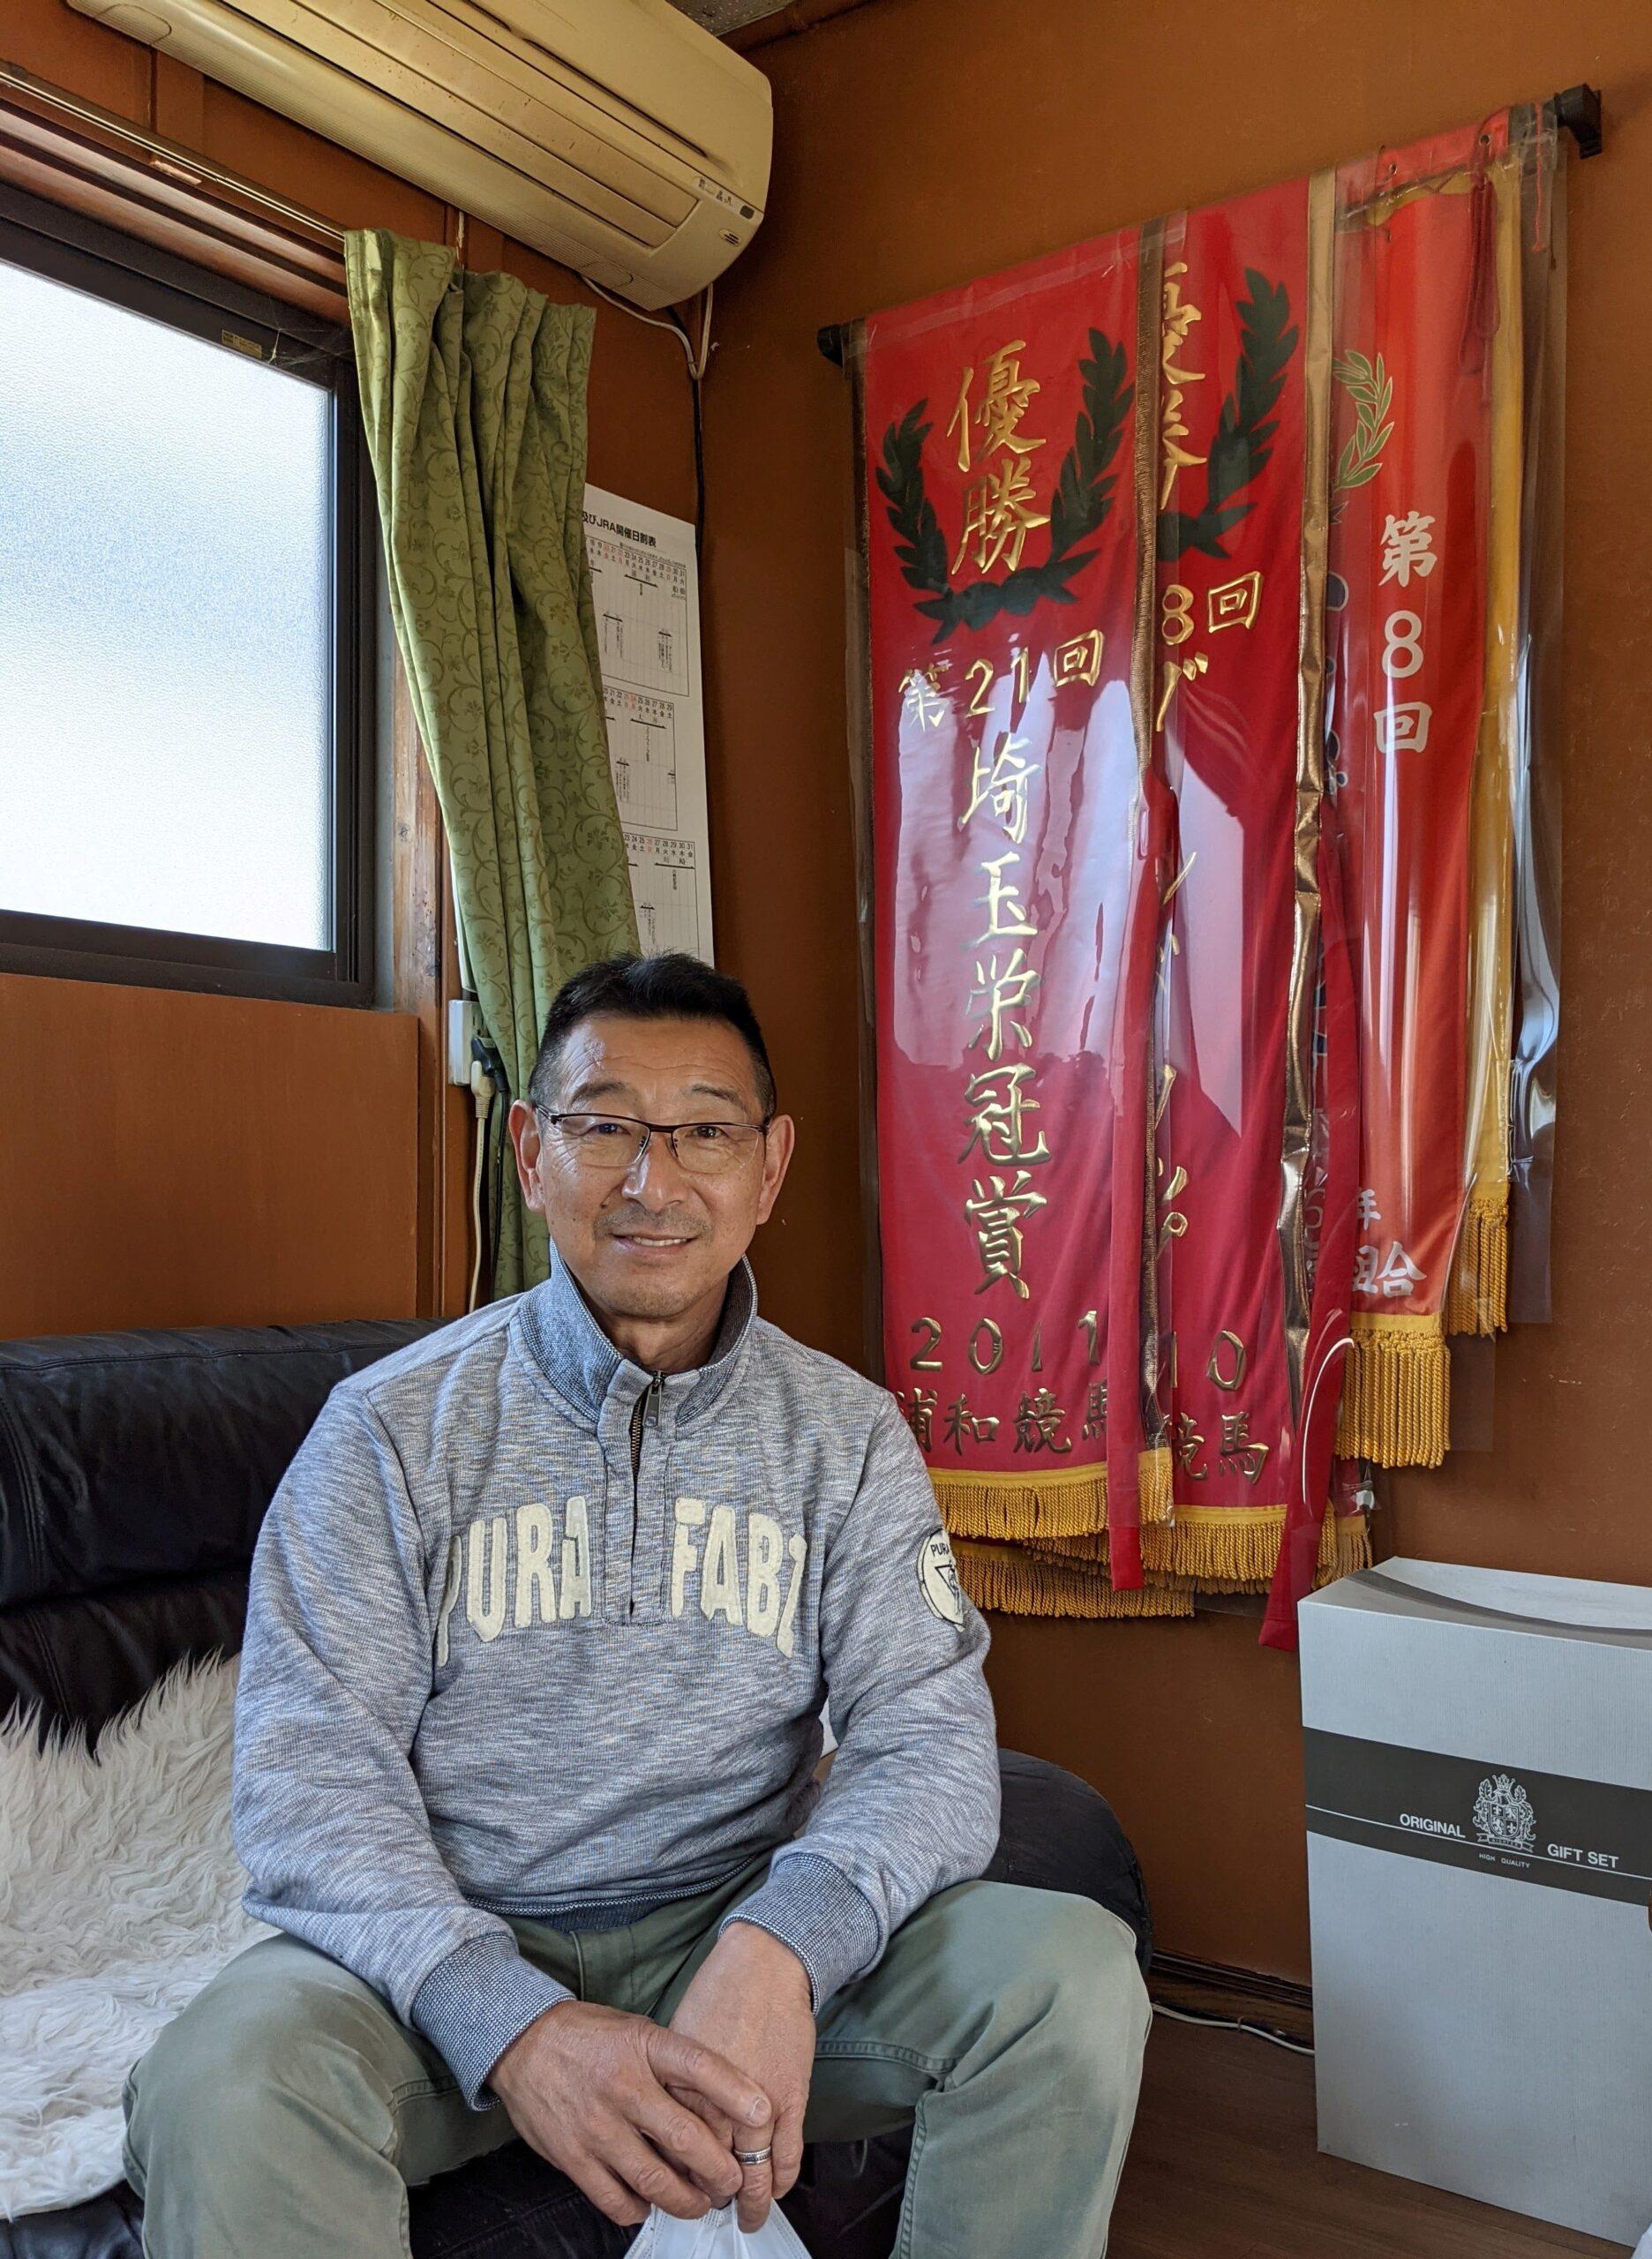 [インタビュー]川崎競馬の名伯楽・山崎尋美氏が切り拓いた調教師人生。